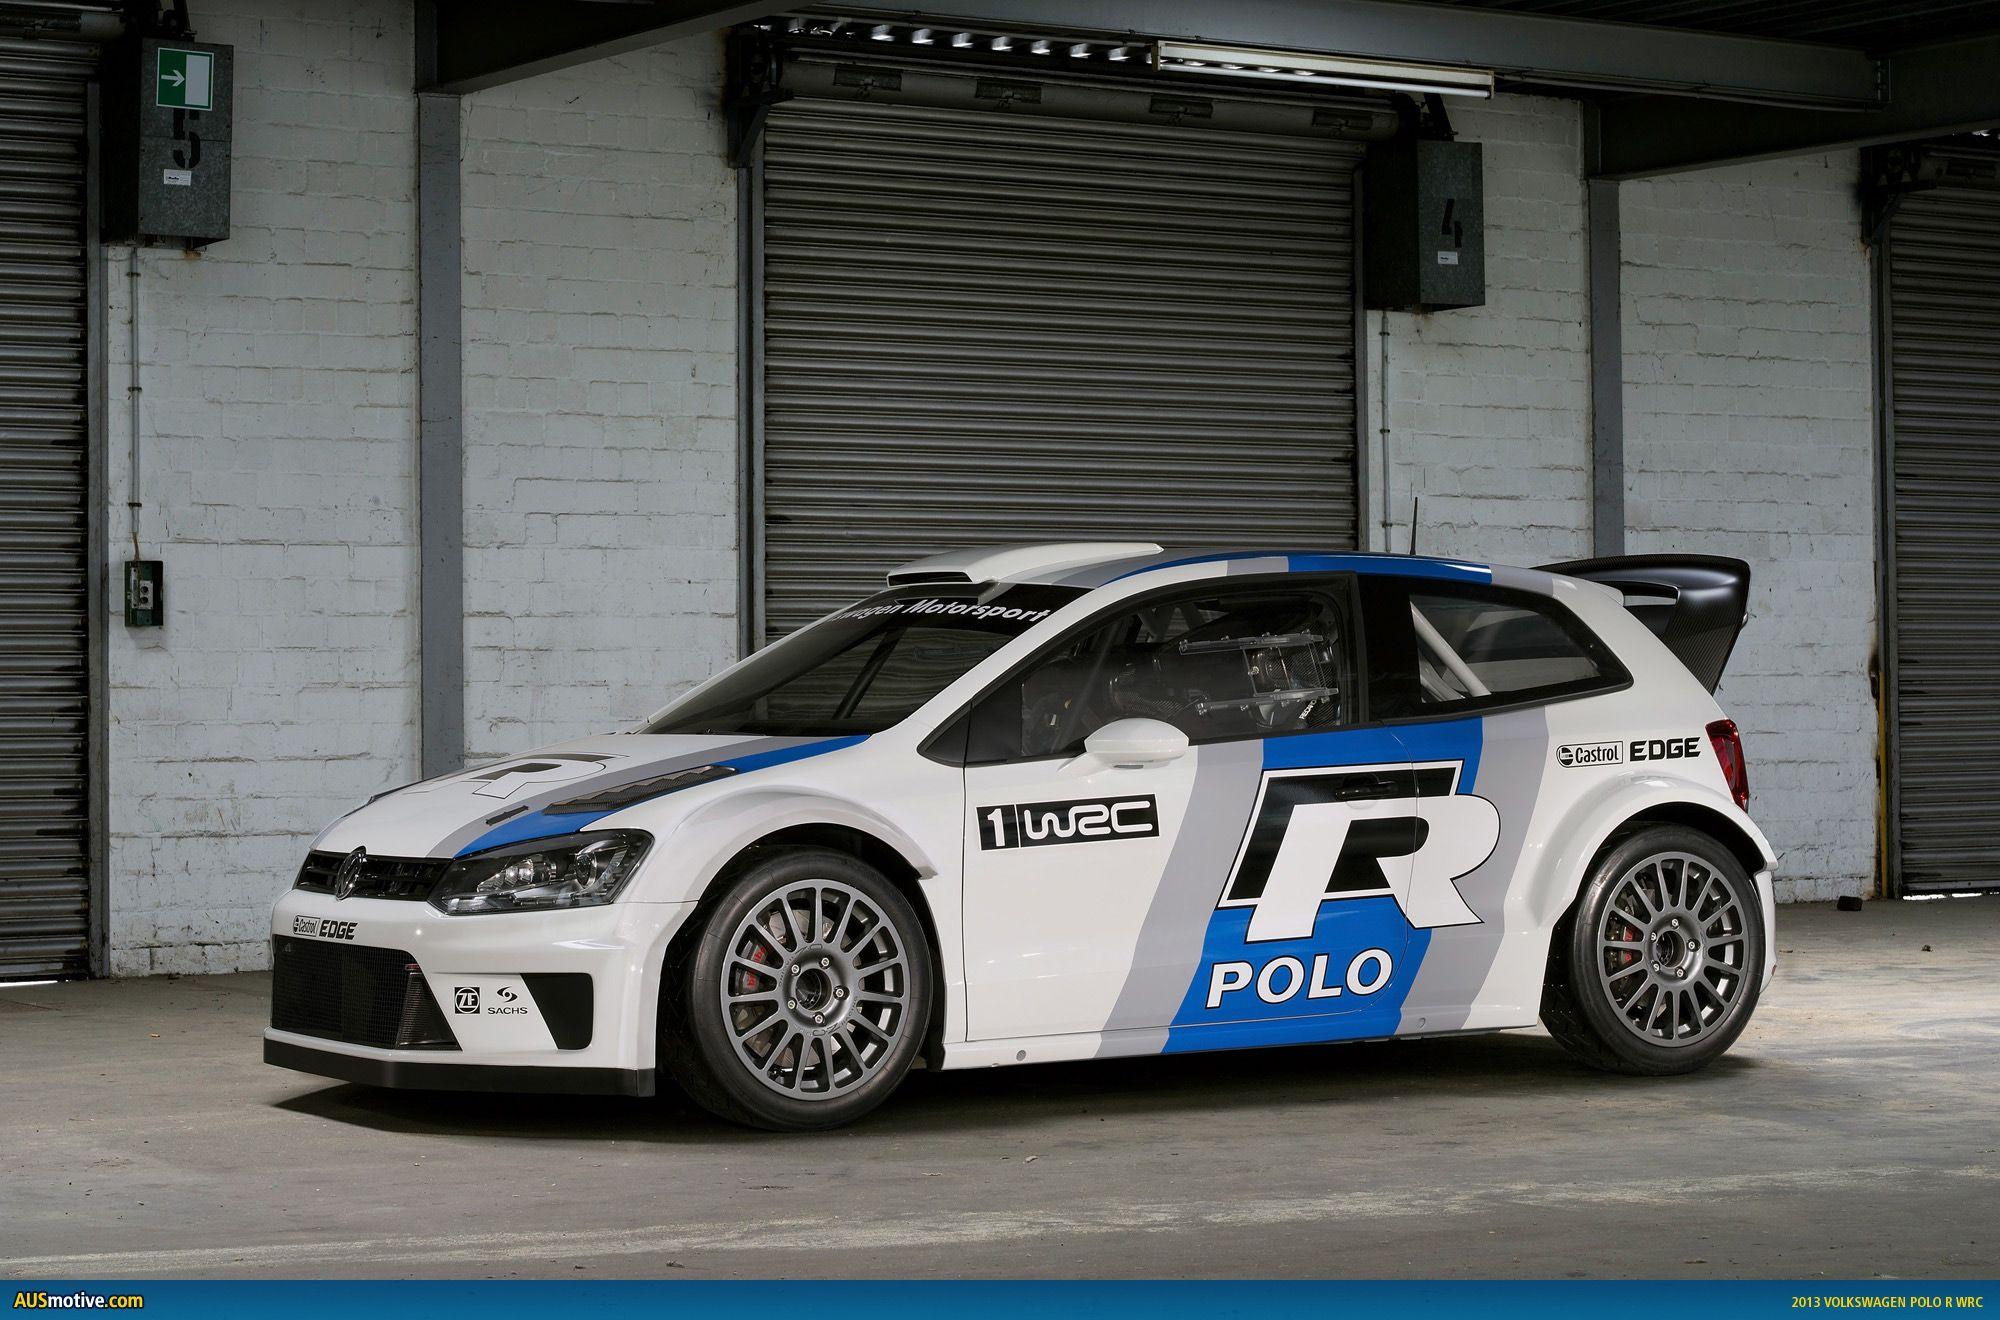 Vw Polo R Wrc Yeah I Like Rally Cars Excelente Carro Y Que Mejor Que Volkswagen Y En Rally Volkswagen Polo Vw Polo Volkswagen